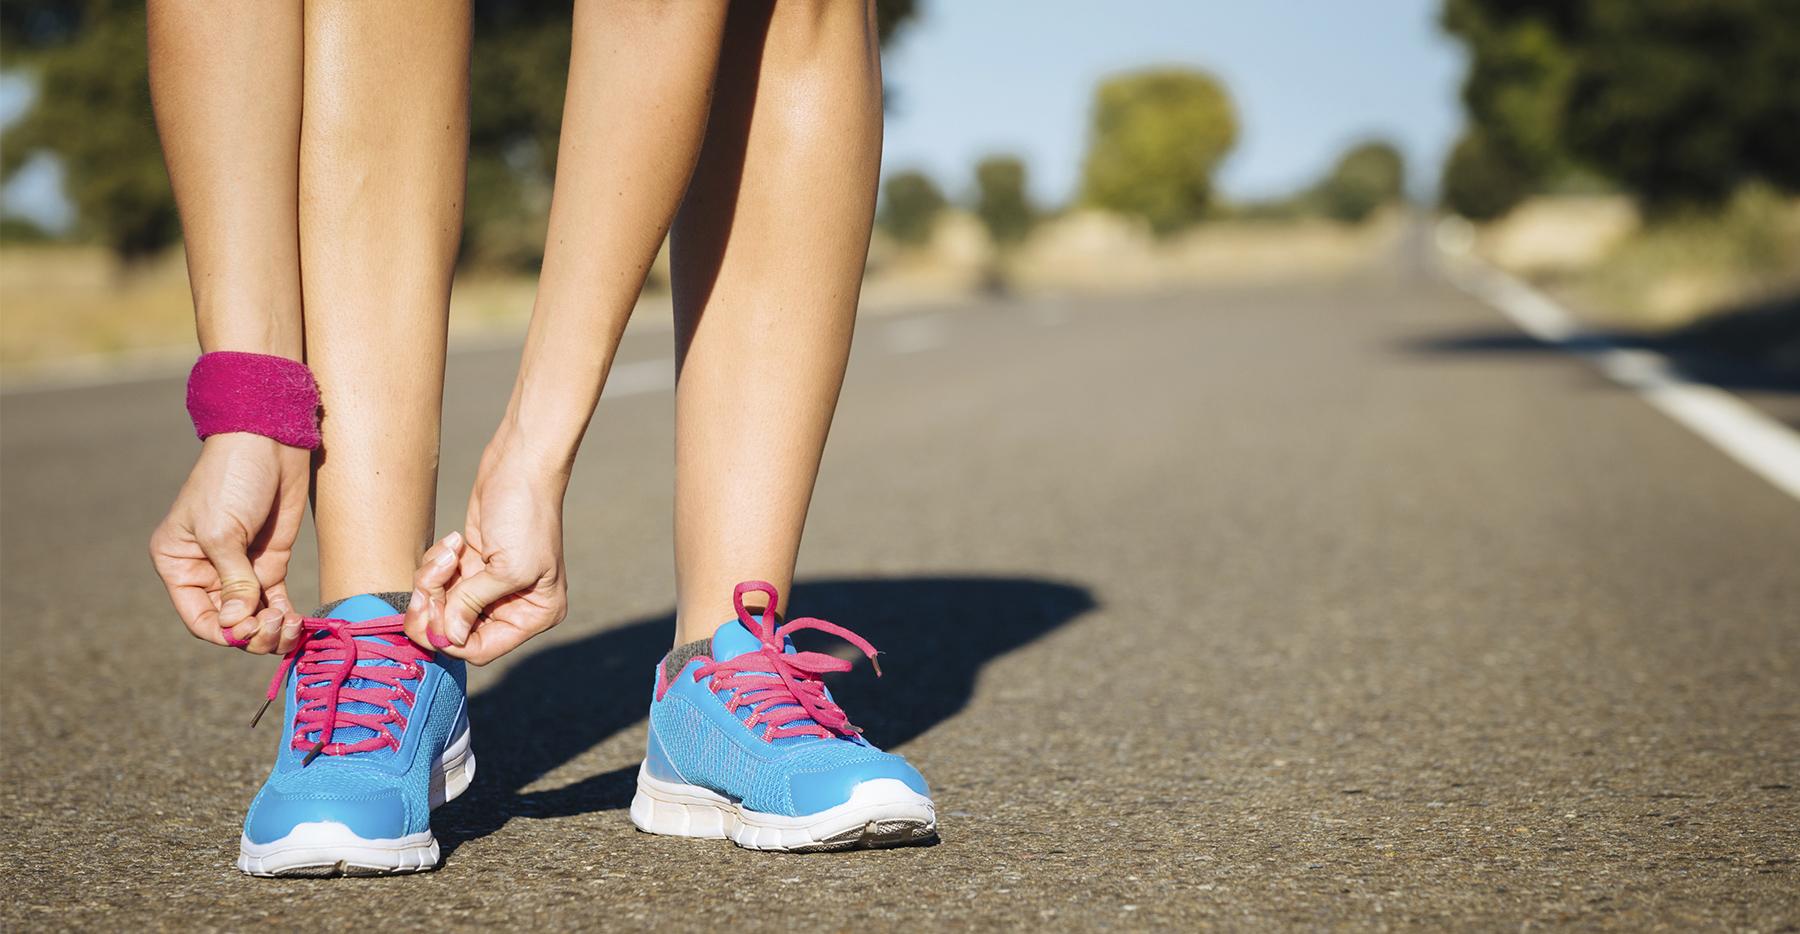 running_injuries